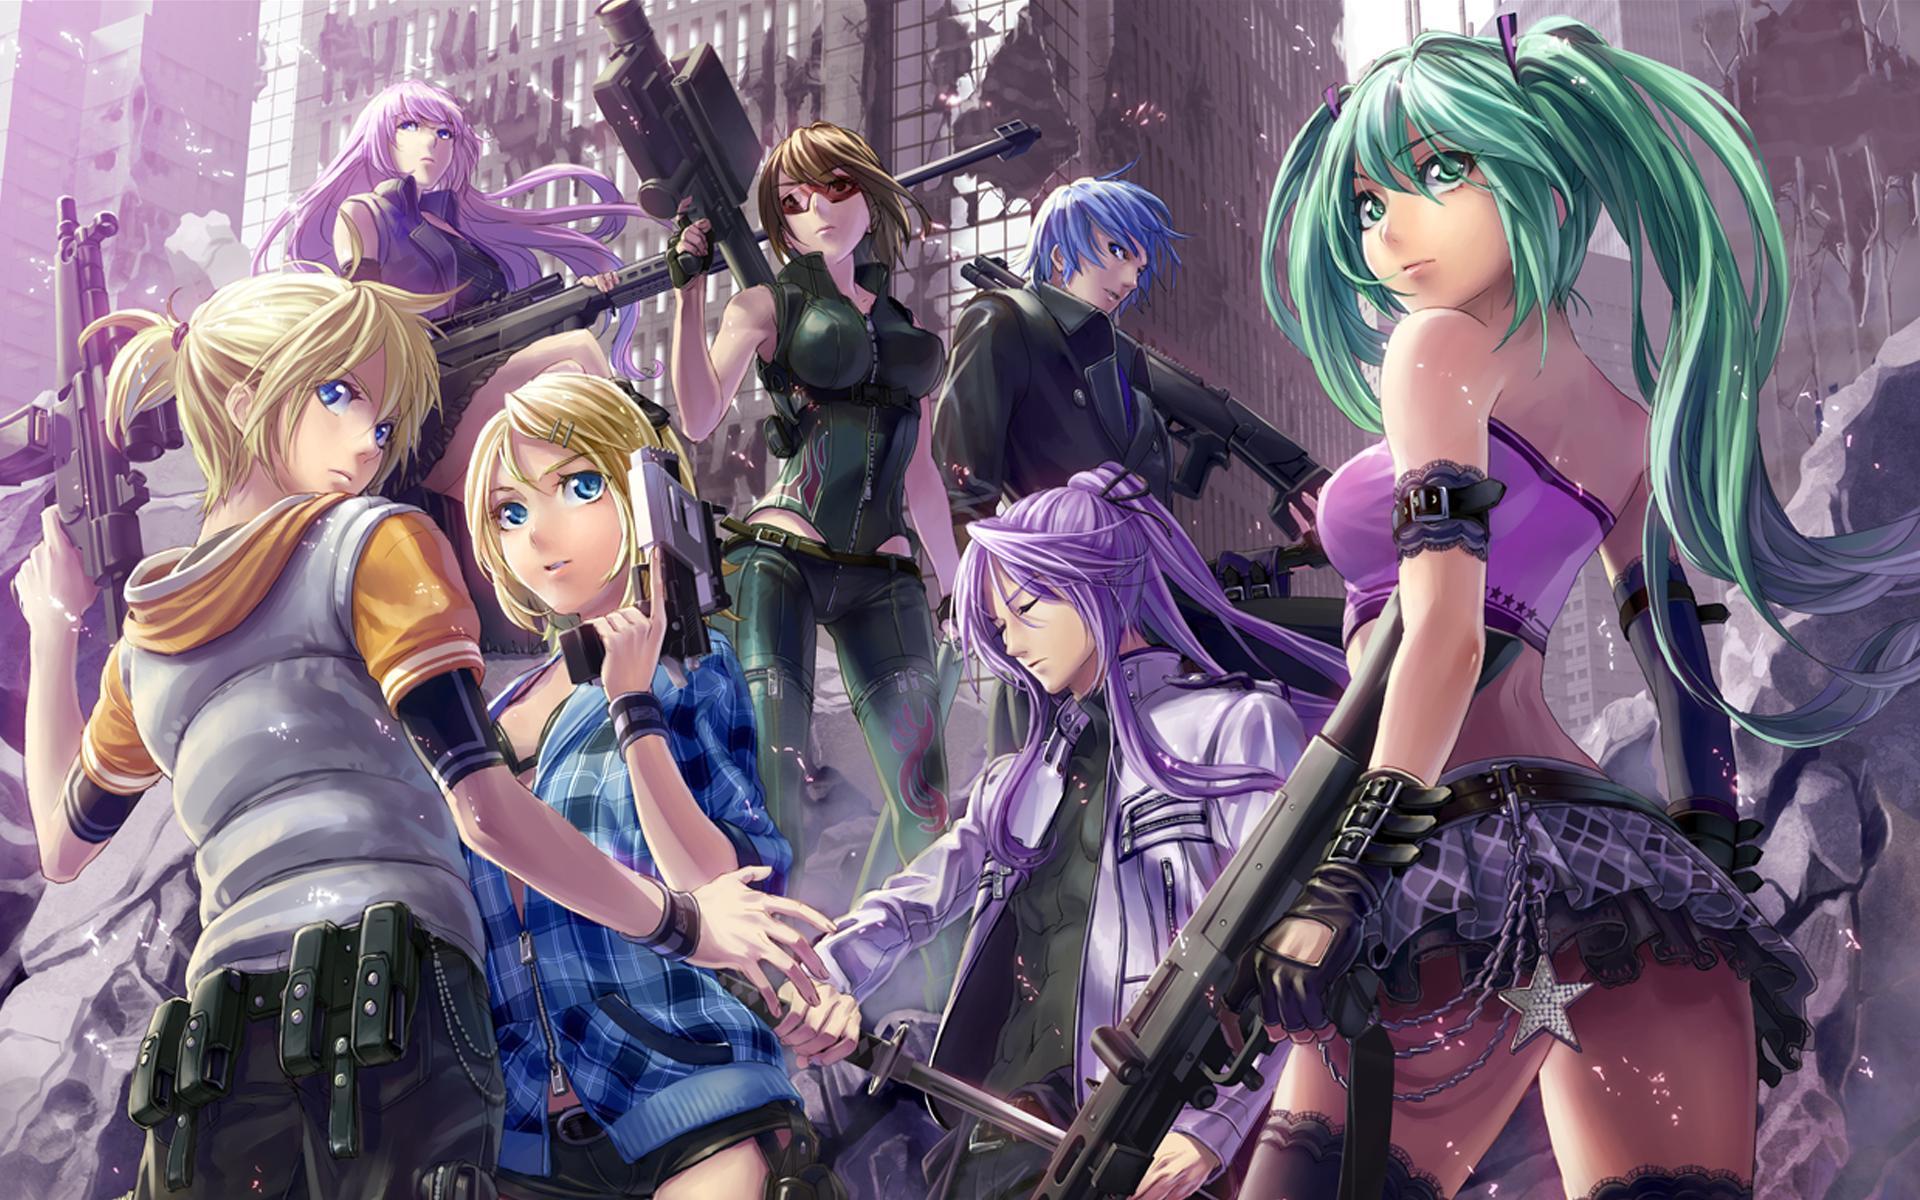 Usa Anime Gun Girl Wallpaper 1920x1080 Vocaloid Hd Wallpapers Pixelstalk Net